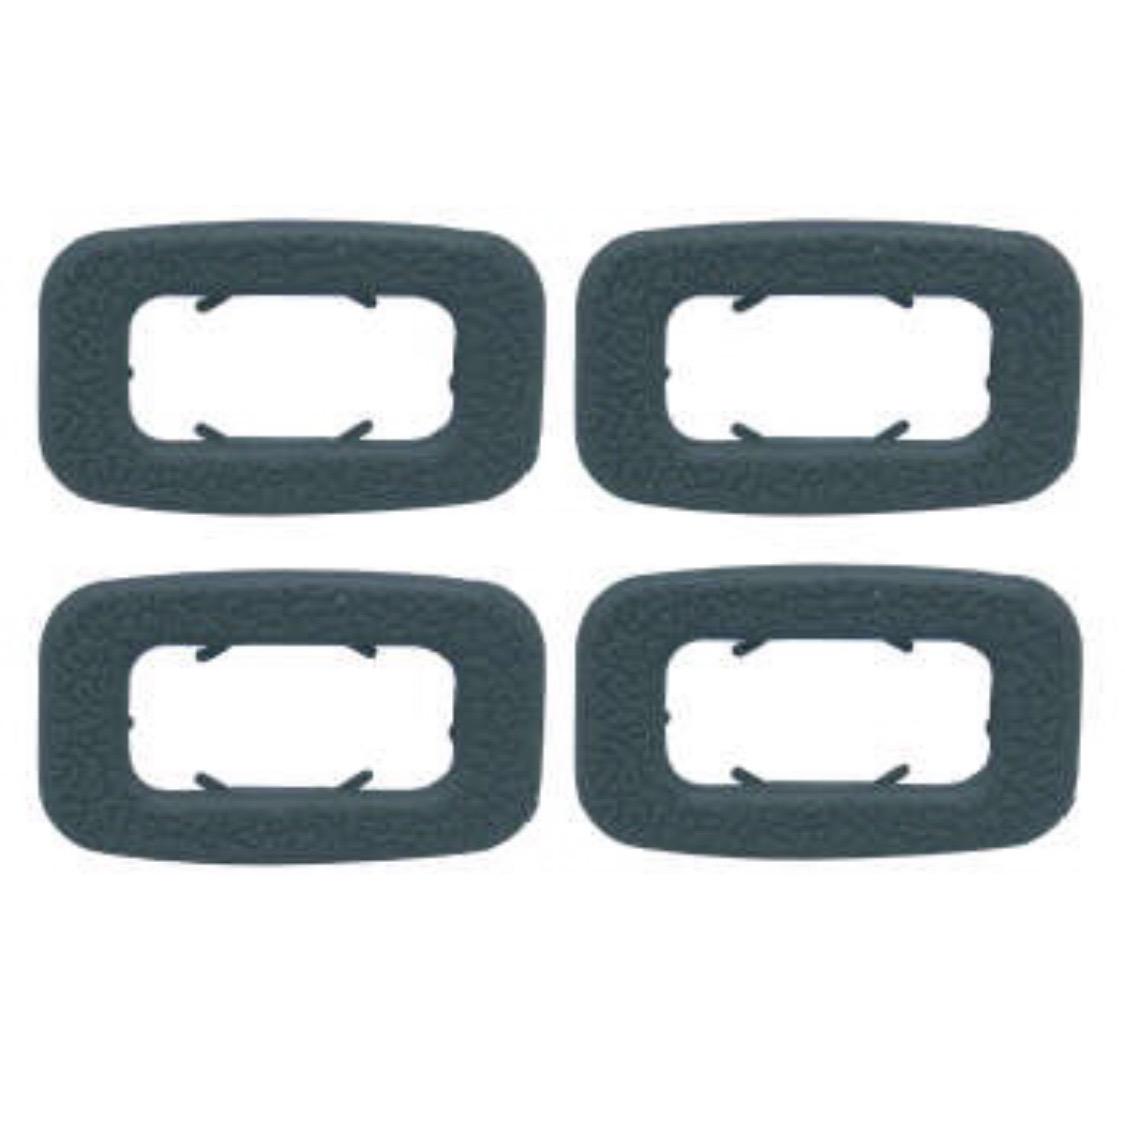 خار دور قفل در خودرو مدل KM 01 مناسب برای پراید صبا بسته 4 عددی